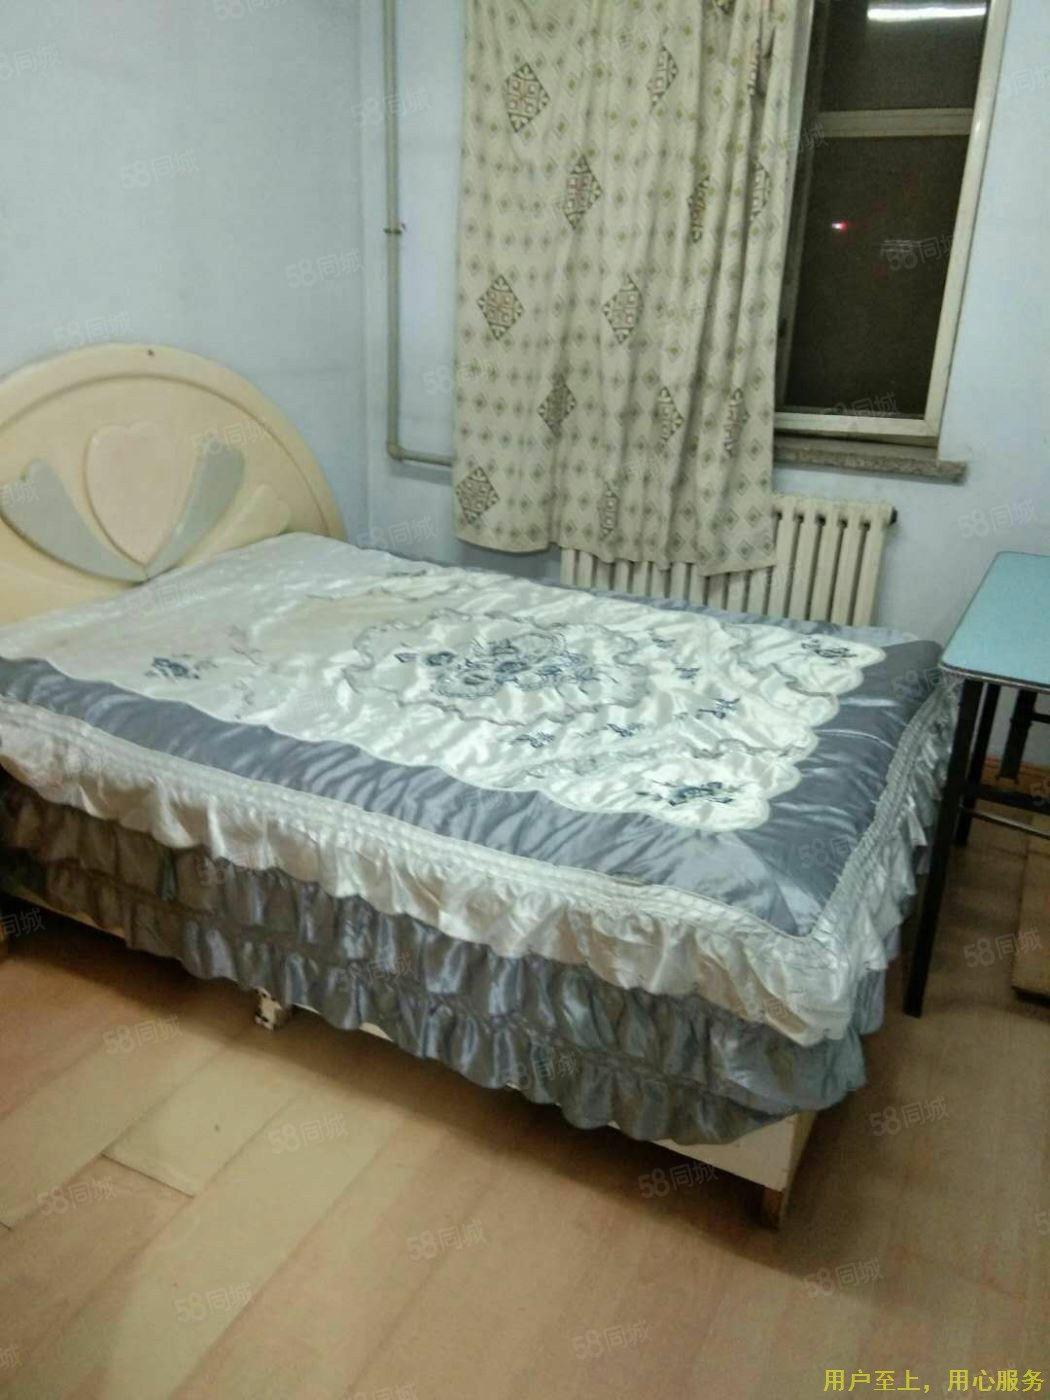 莲花小区708元2室1厅1卫普通装修,干净整洁,随时入